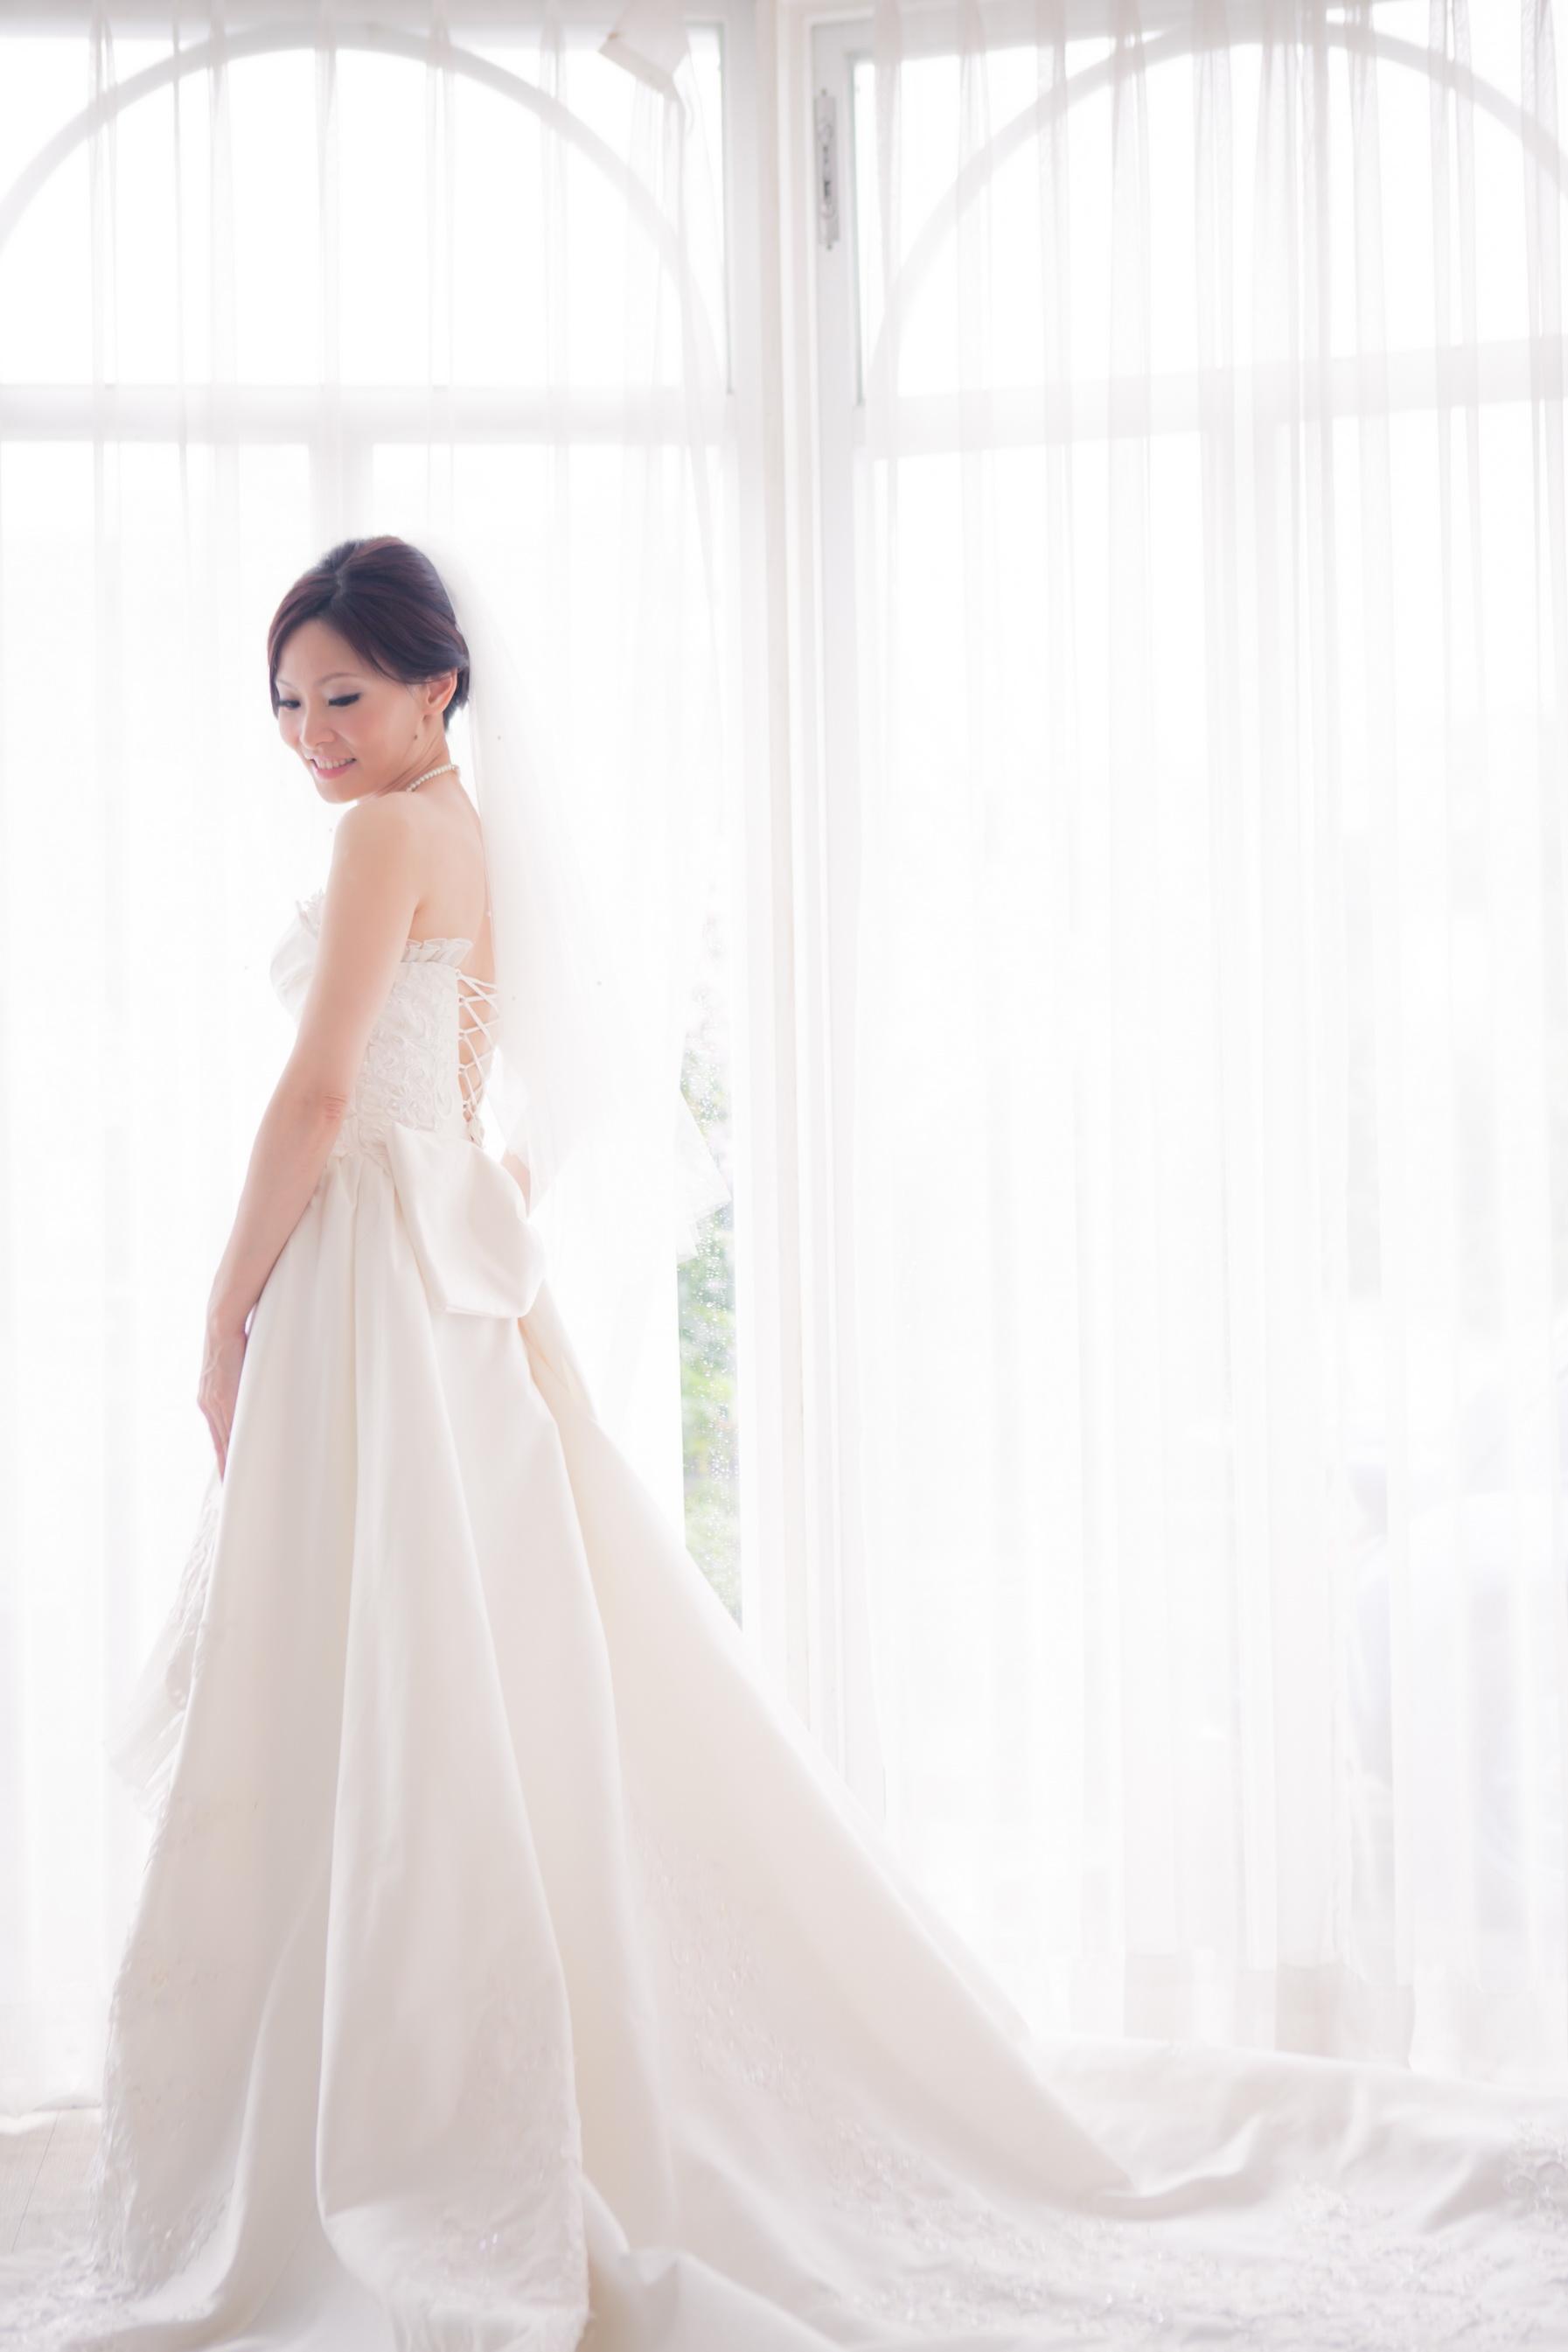 手工白紗,手工婚紗推薦,手工白紗價格,禮服出租,婚紗攝影,輕婚紗推薦